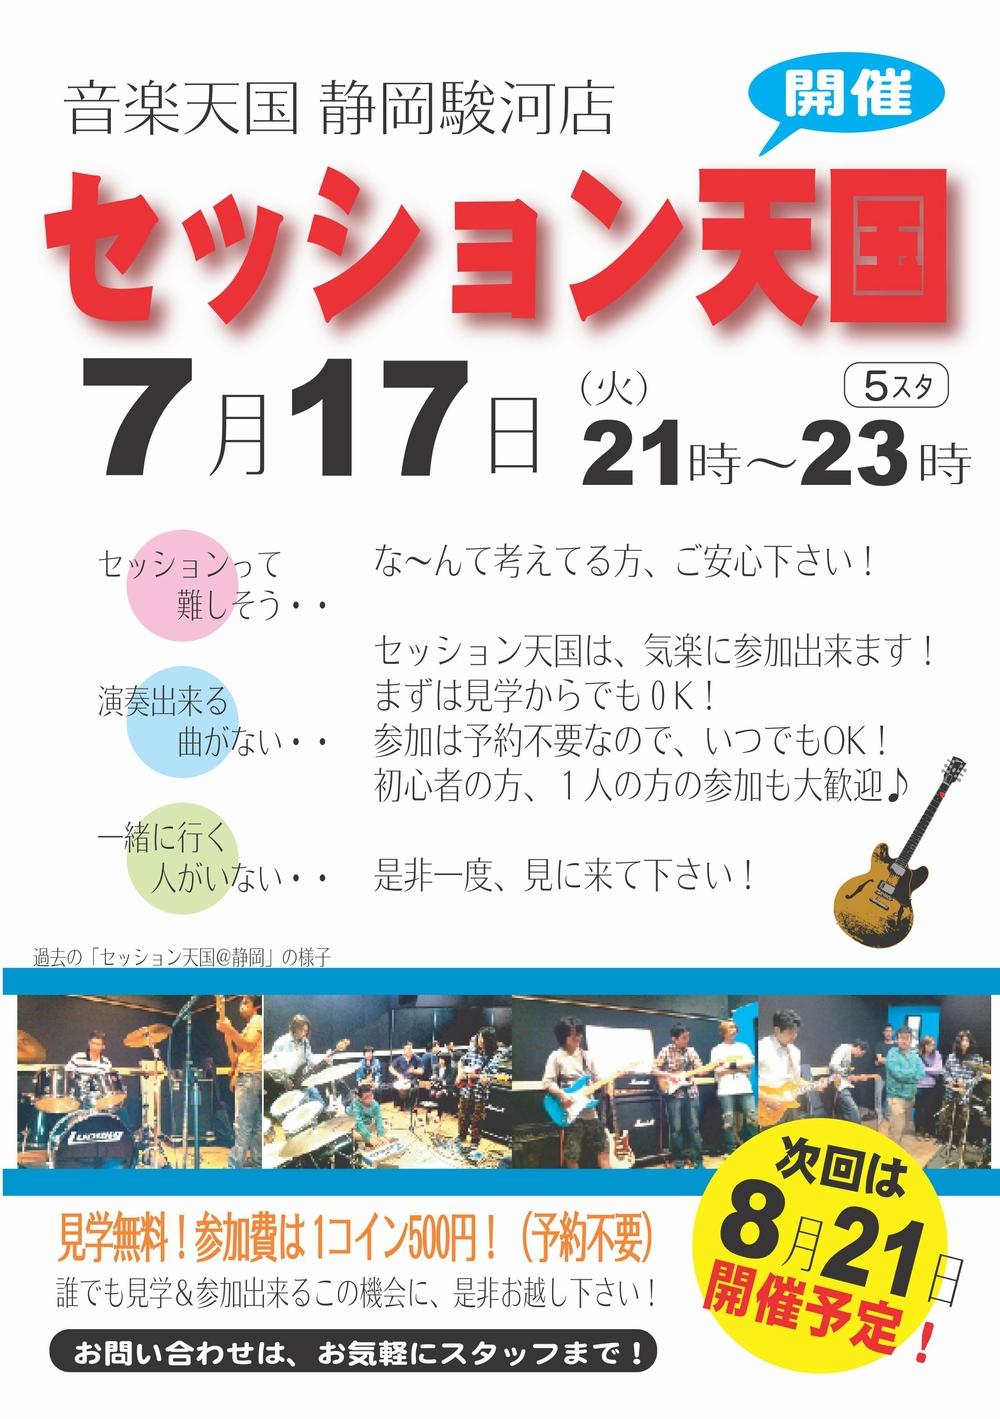 セッション天国@静岡駿河店7月17日(火)開催!